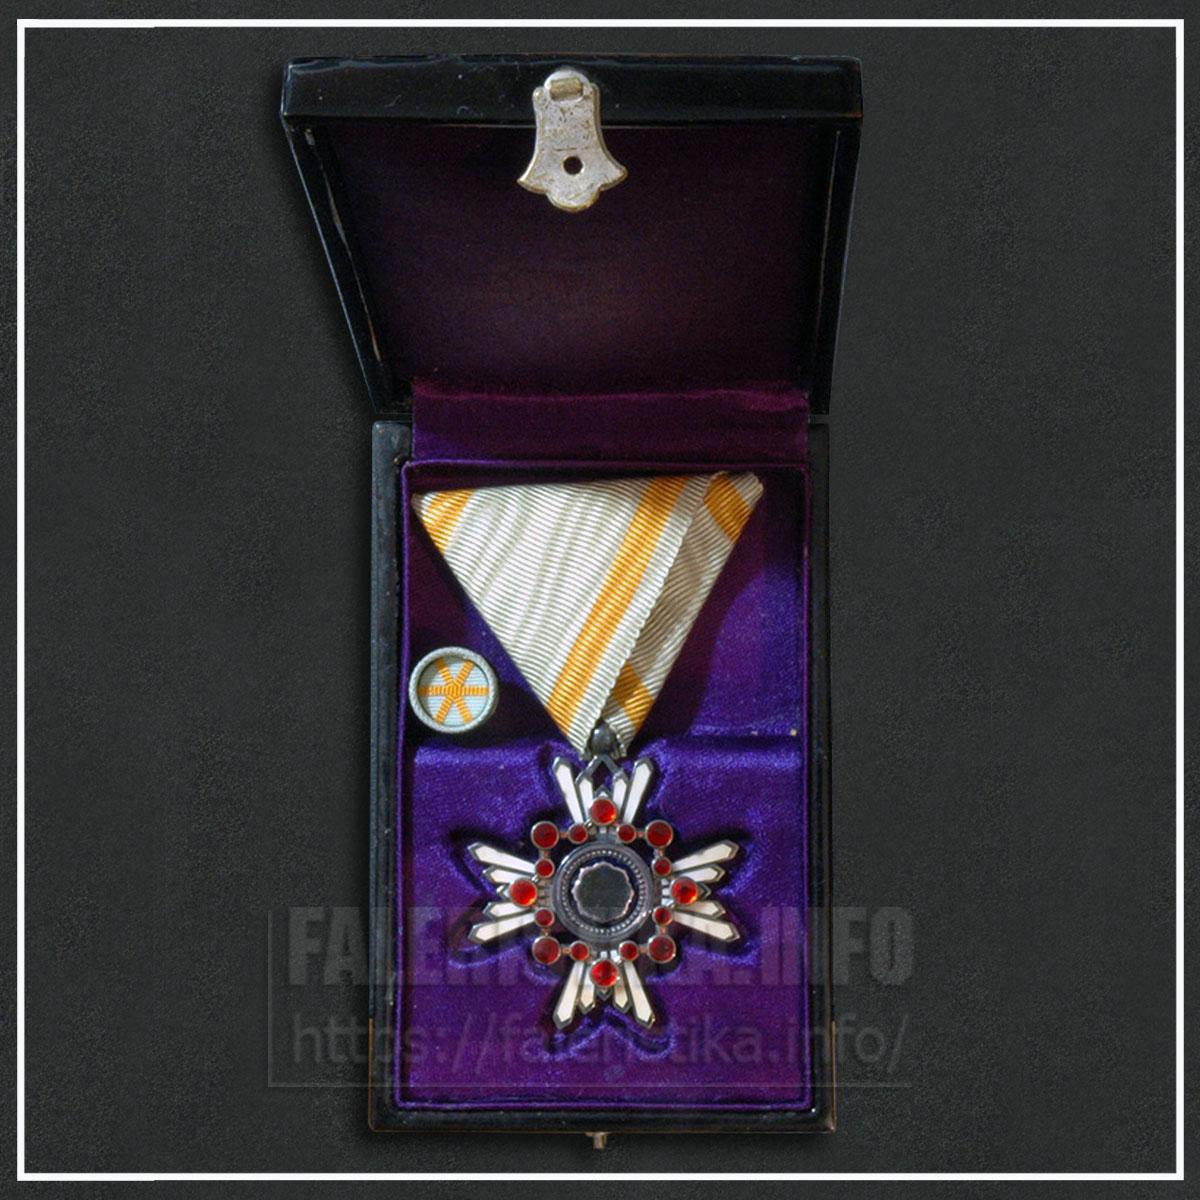 Японская империя. Знак ордена Священного сокровища VI степени с фрачной розеткой (орденская планка в виде запонки) в лакированной коробке